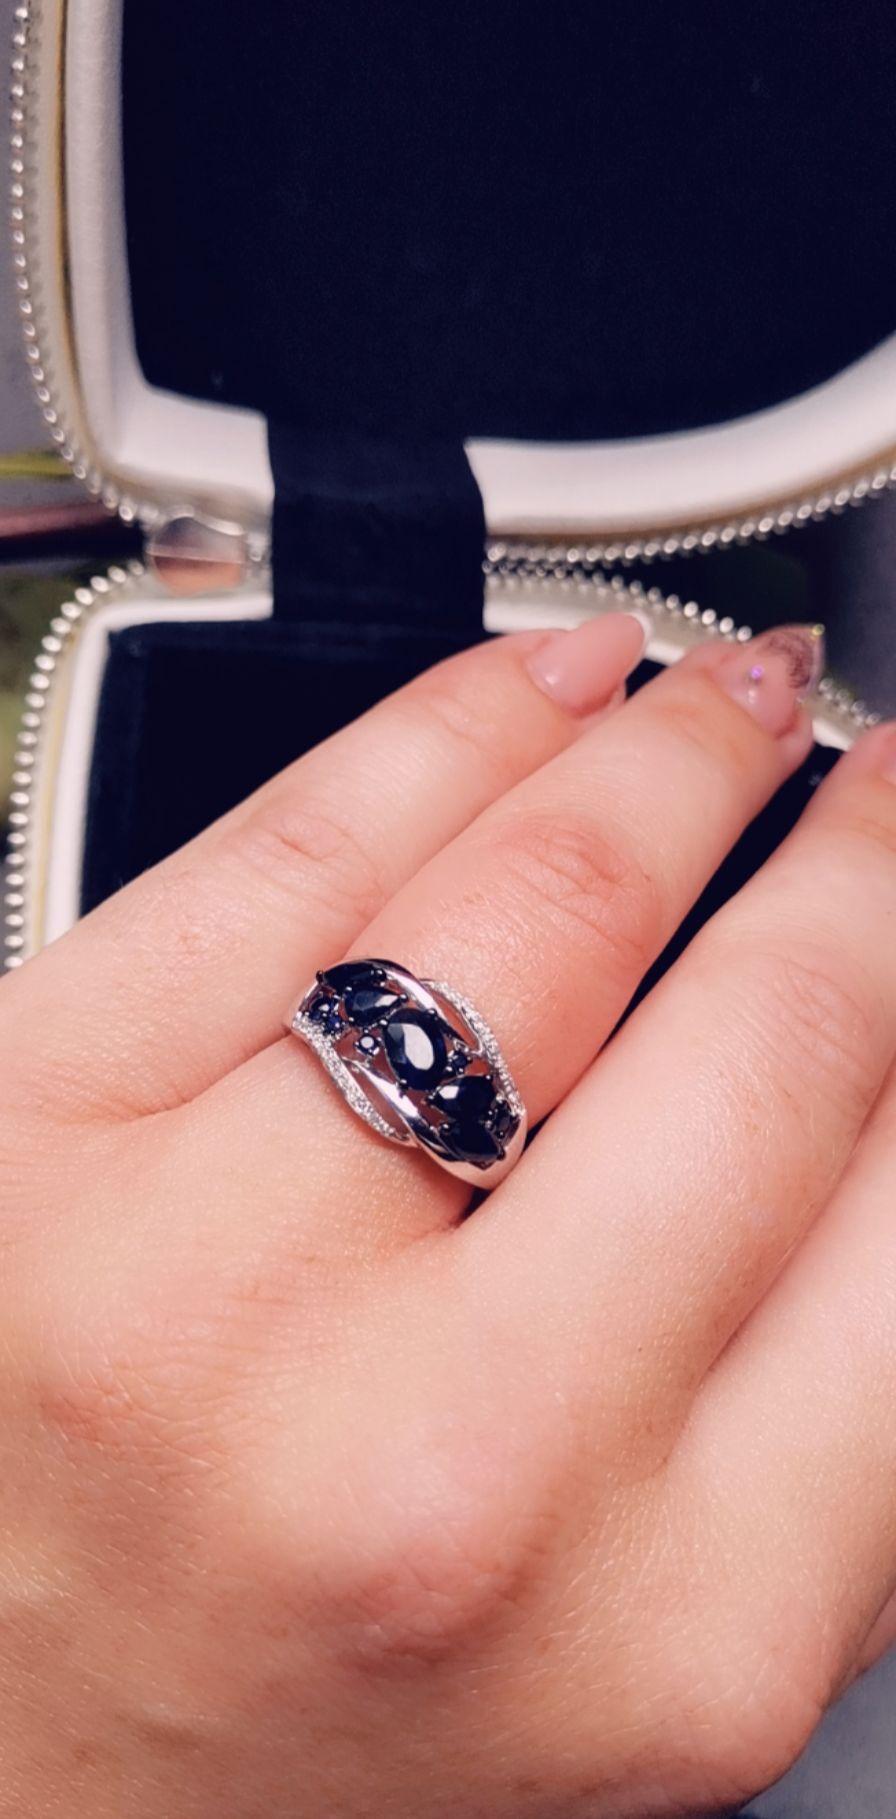 Кольцо в белом золоте с сапфирами- эффектное сочетание!!!